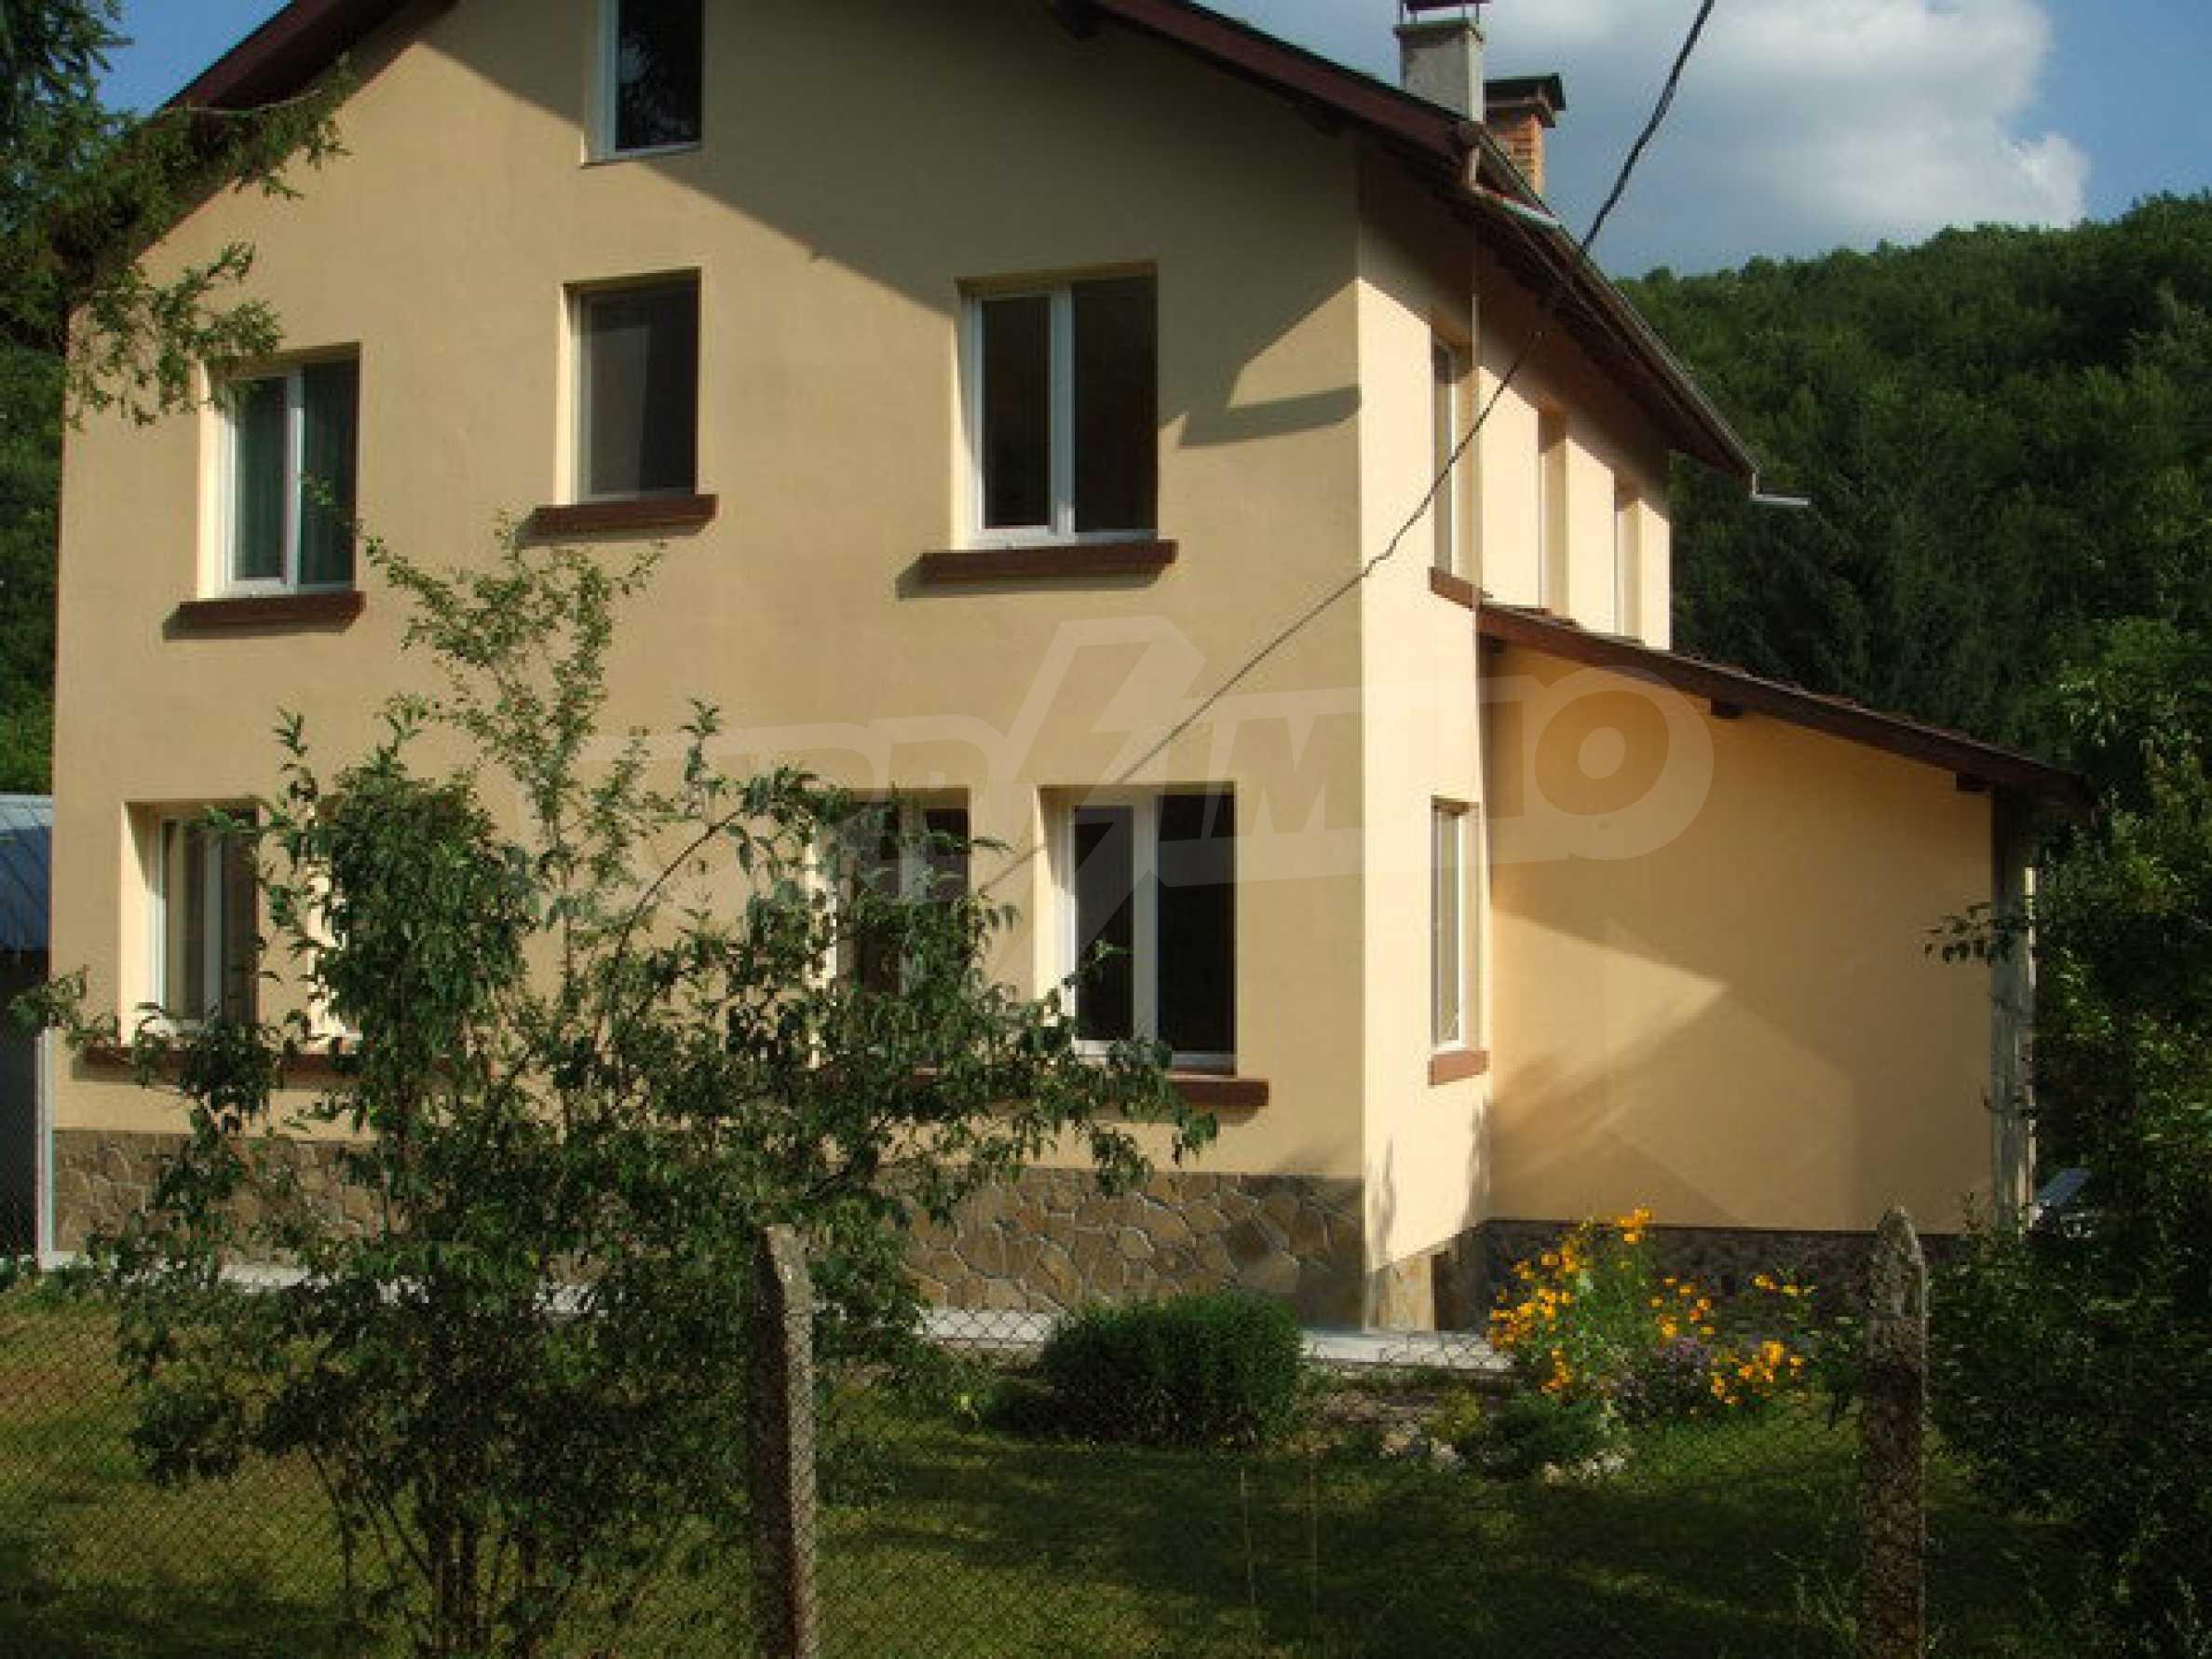 Voll möblierte und ausgestattete Etage eines Hauses mit Garten in einem Dorf 8 km. aus Trjawna